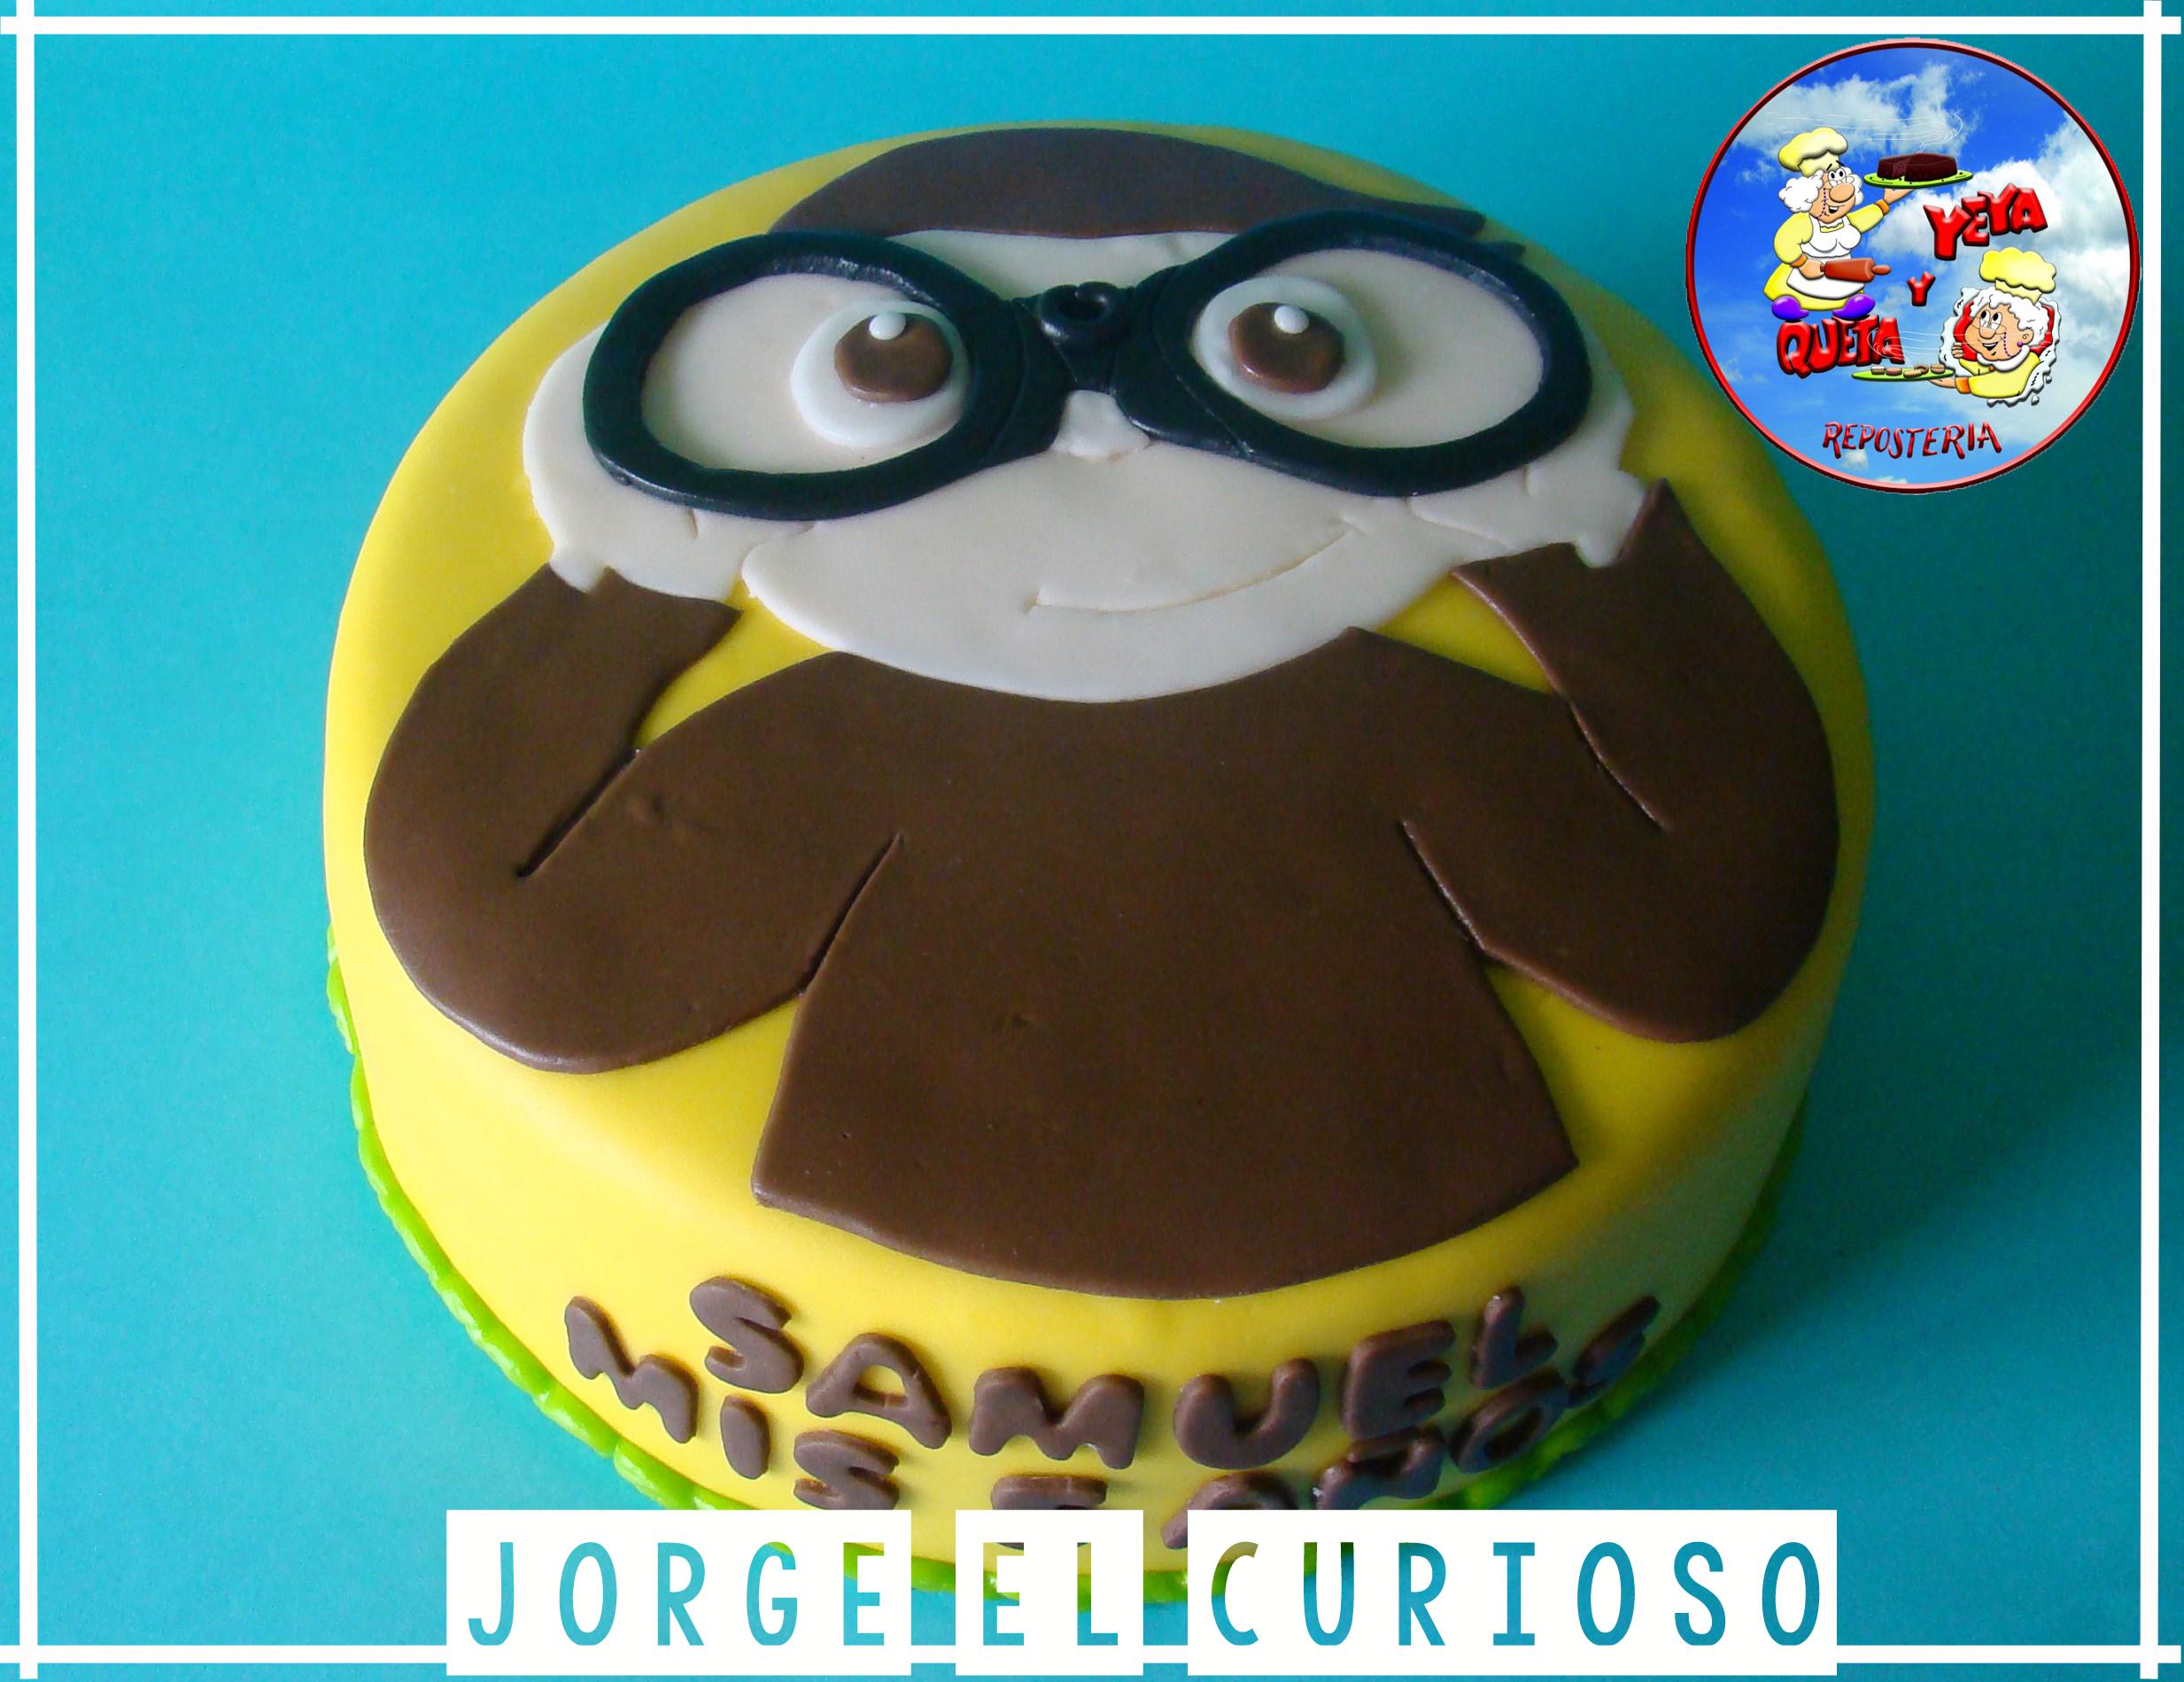 #tortajorgeelcurioso #jorgeelcuriosocake